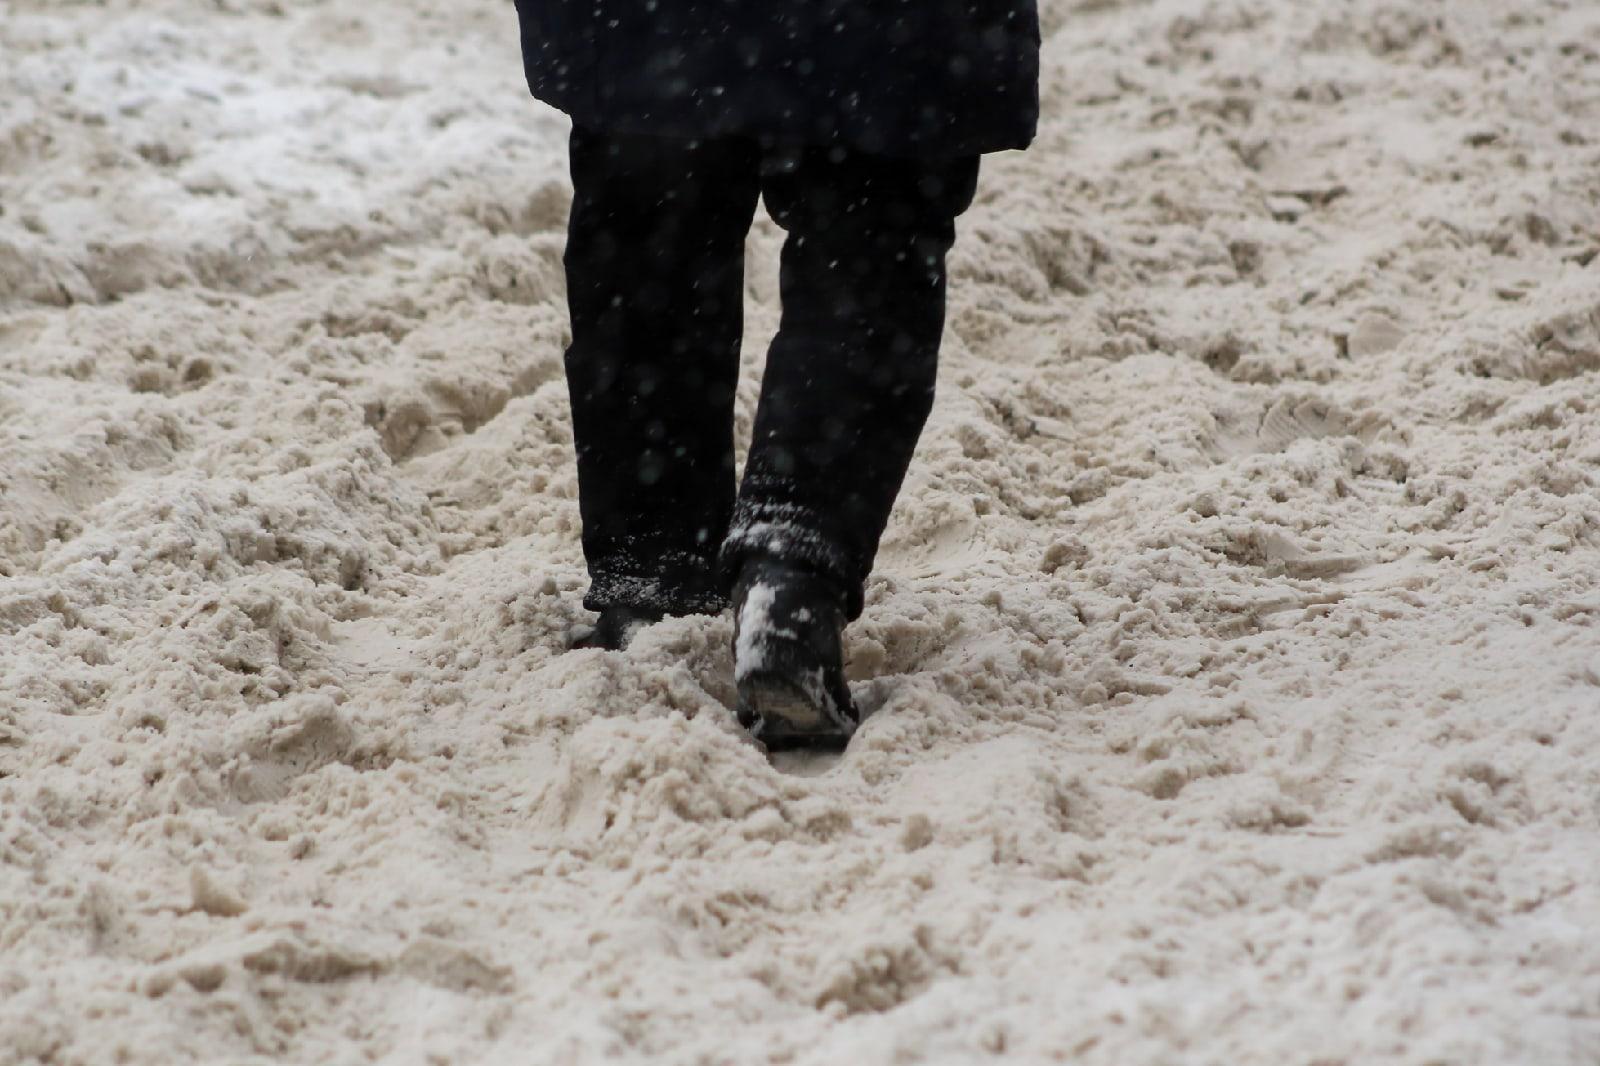 фото Новосибирск накрыла ледяная буря: 10 фото из снежного плена 5